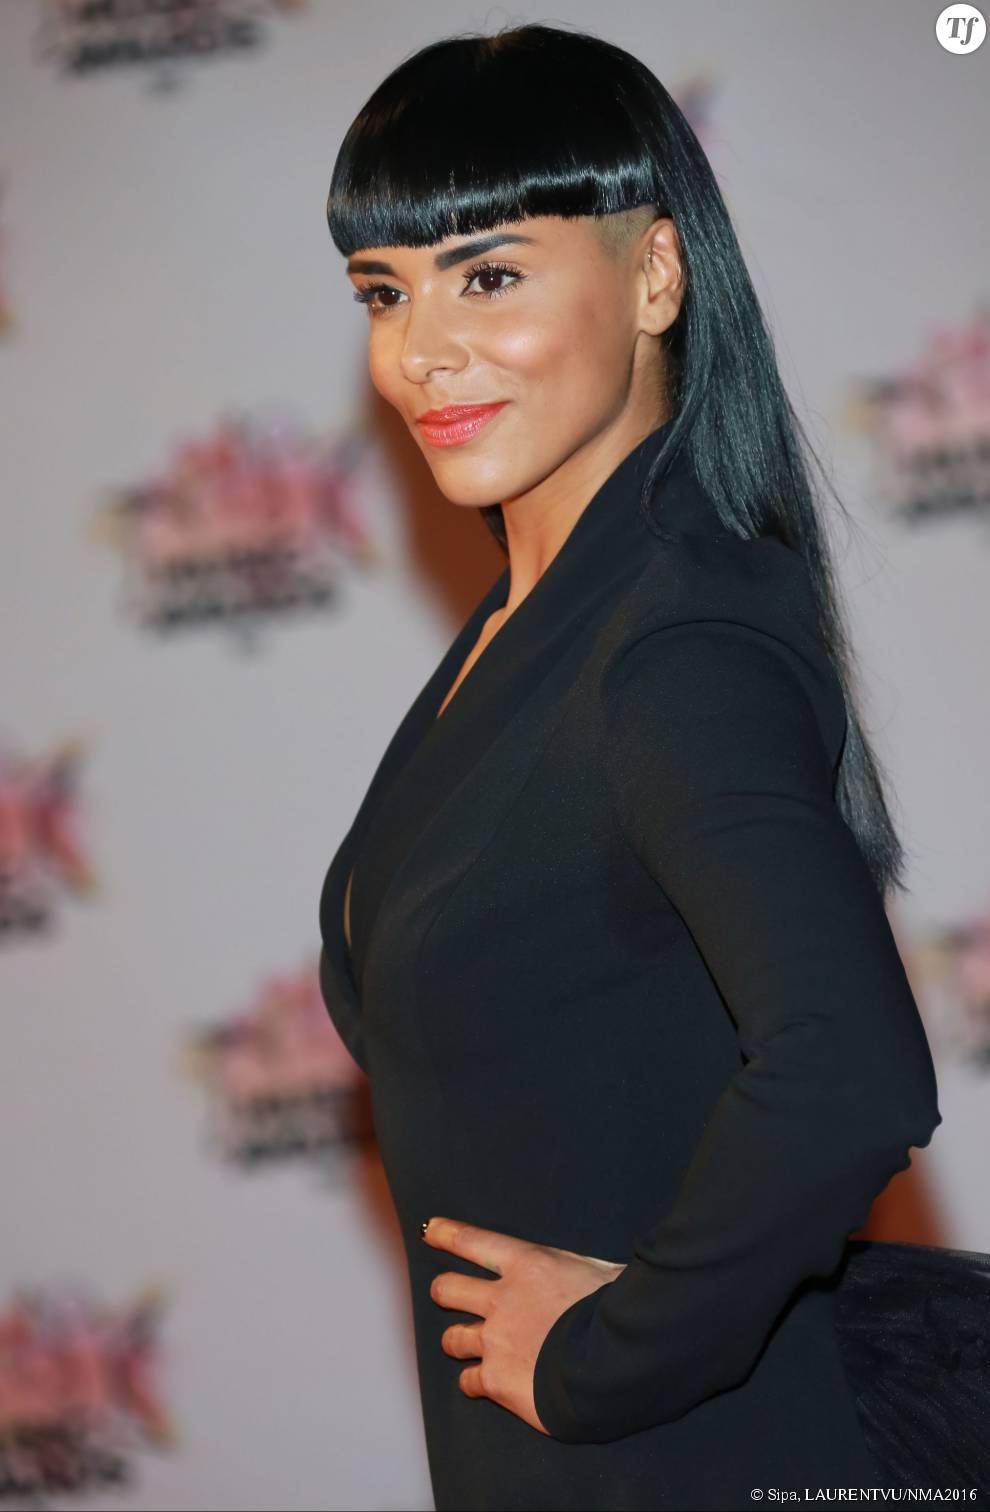 La chanteuse Shy'm et sa nouvelle coupe aux NRJ Music Awards 2015